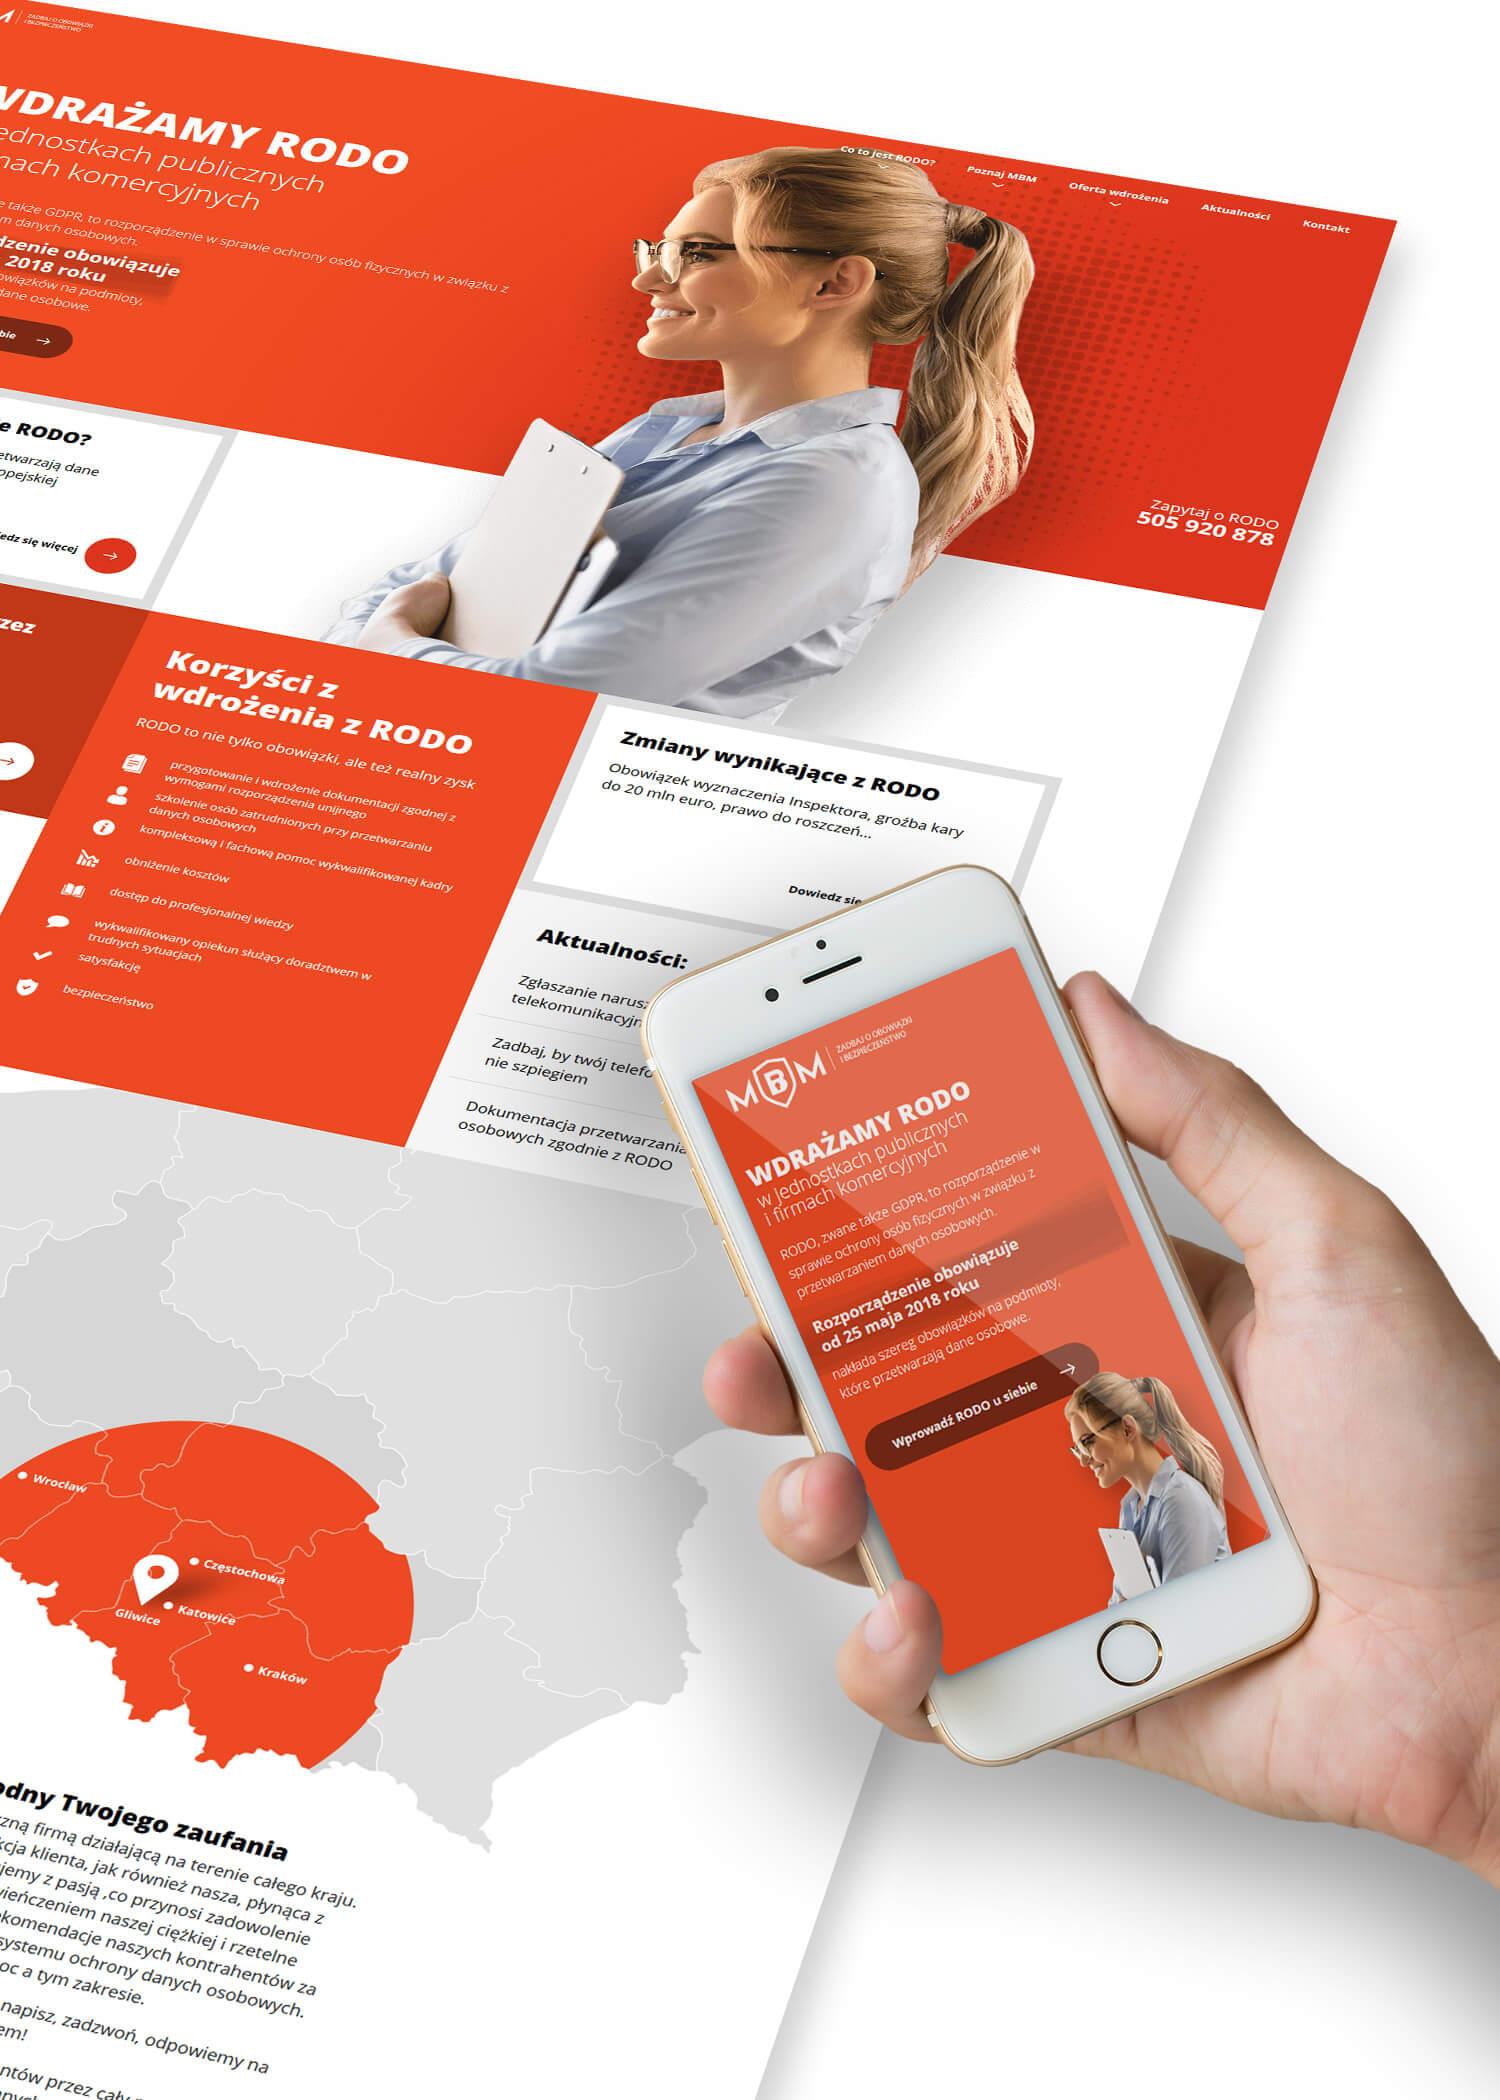 MBM - strona internetowa dla gliwickiej firmy zajmującej się bezpieczeństwem informacji. Lokalizacja: Gliwice, Śląsk.